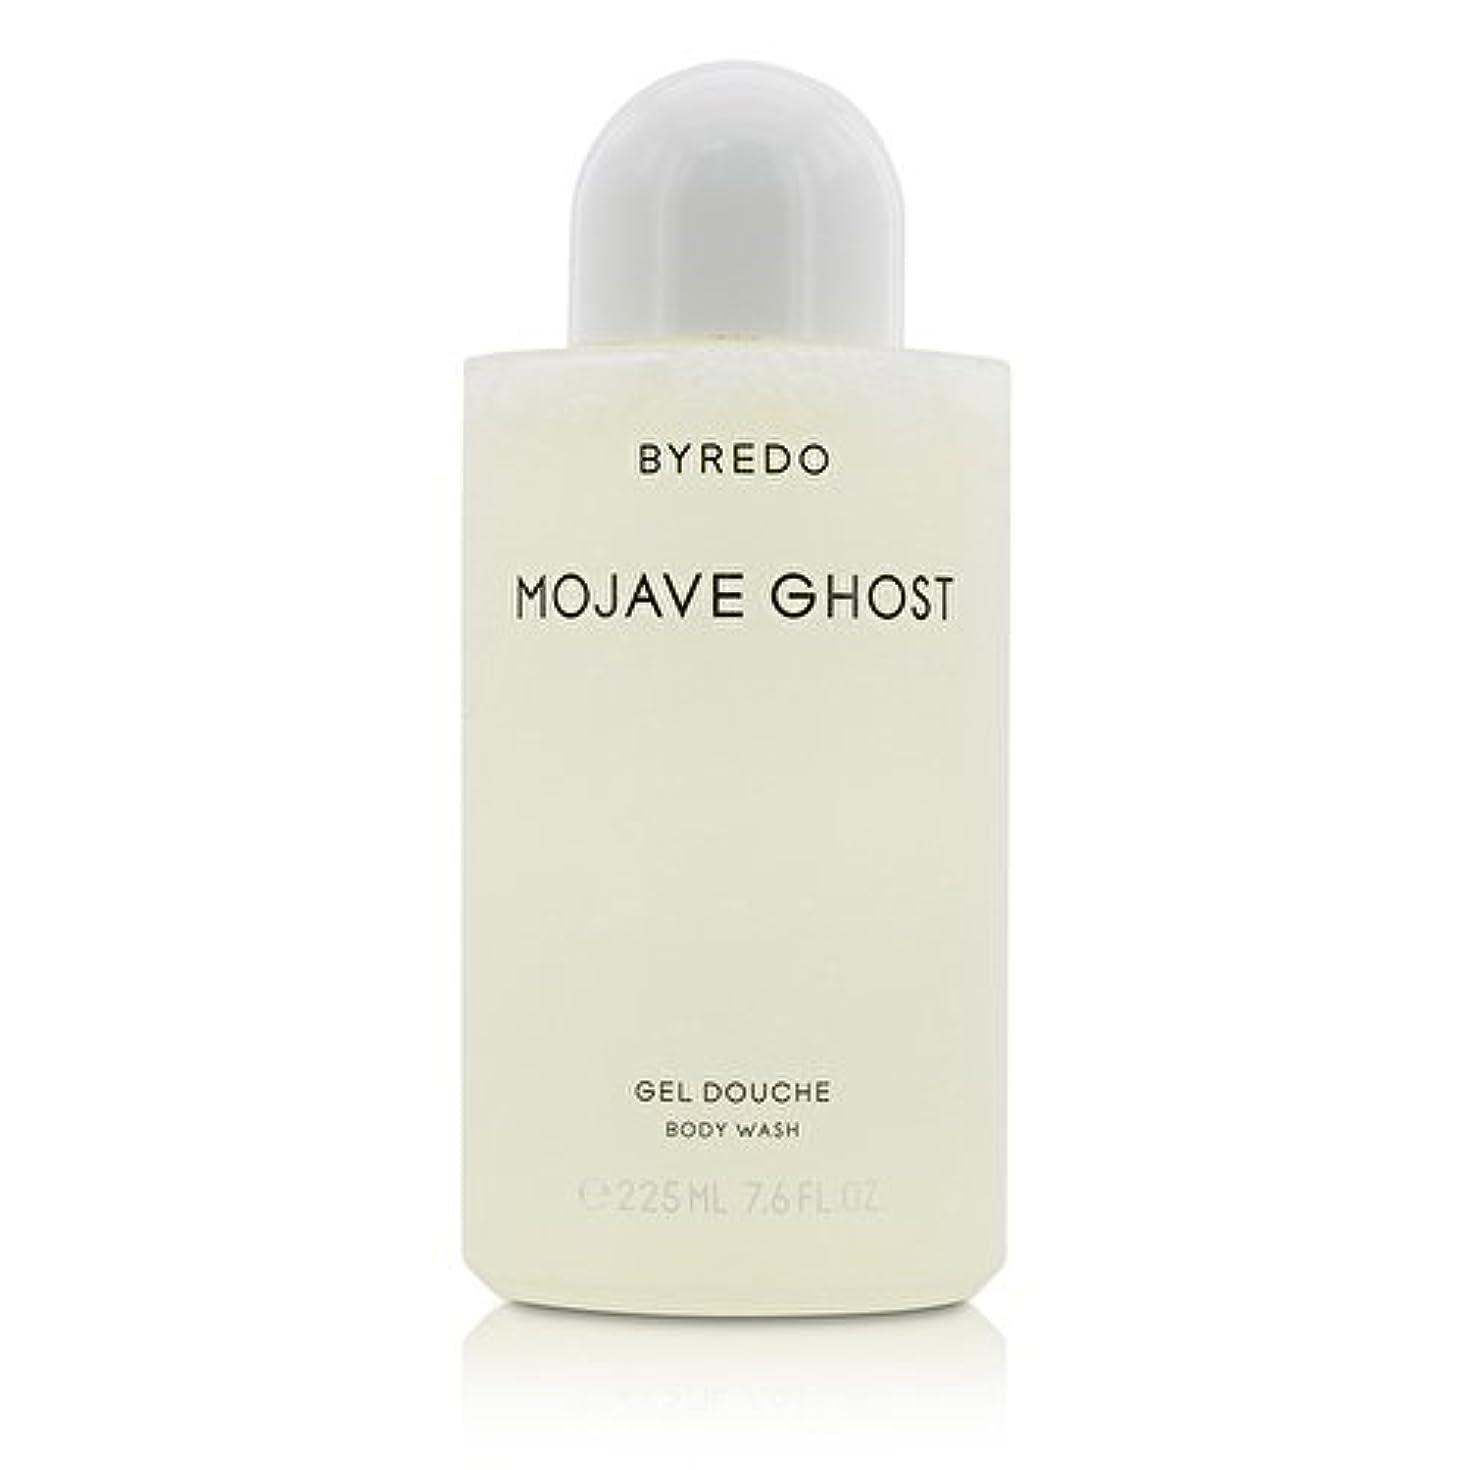 書道窓を洗うピービッシュバレード Mojave Ghost Body Wash 225ml